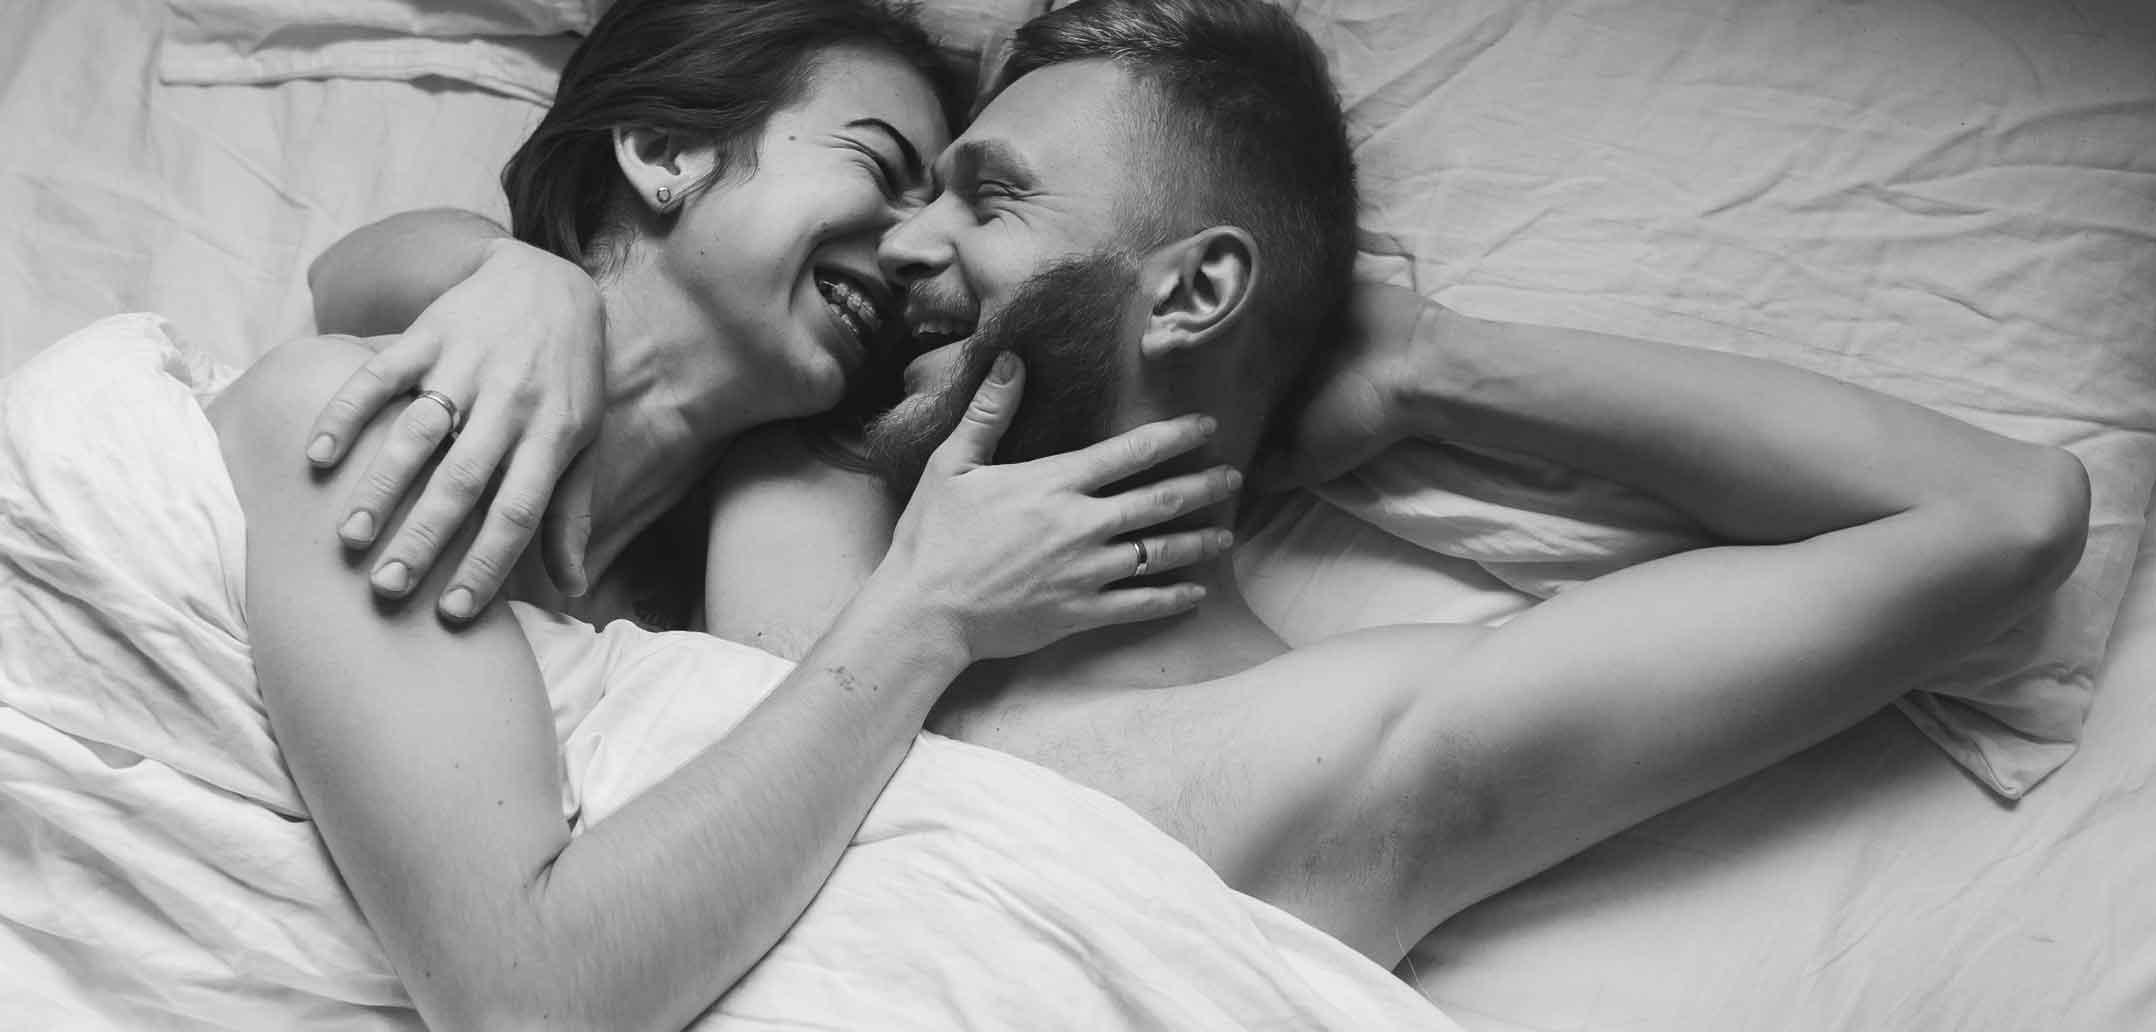 sex erotik sexbeziehung finden